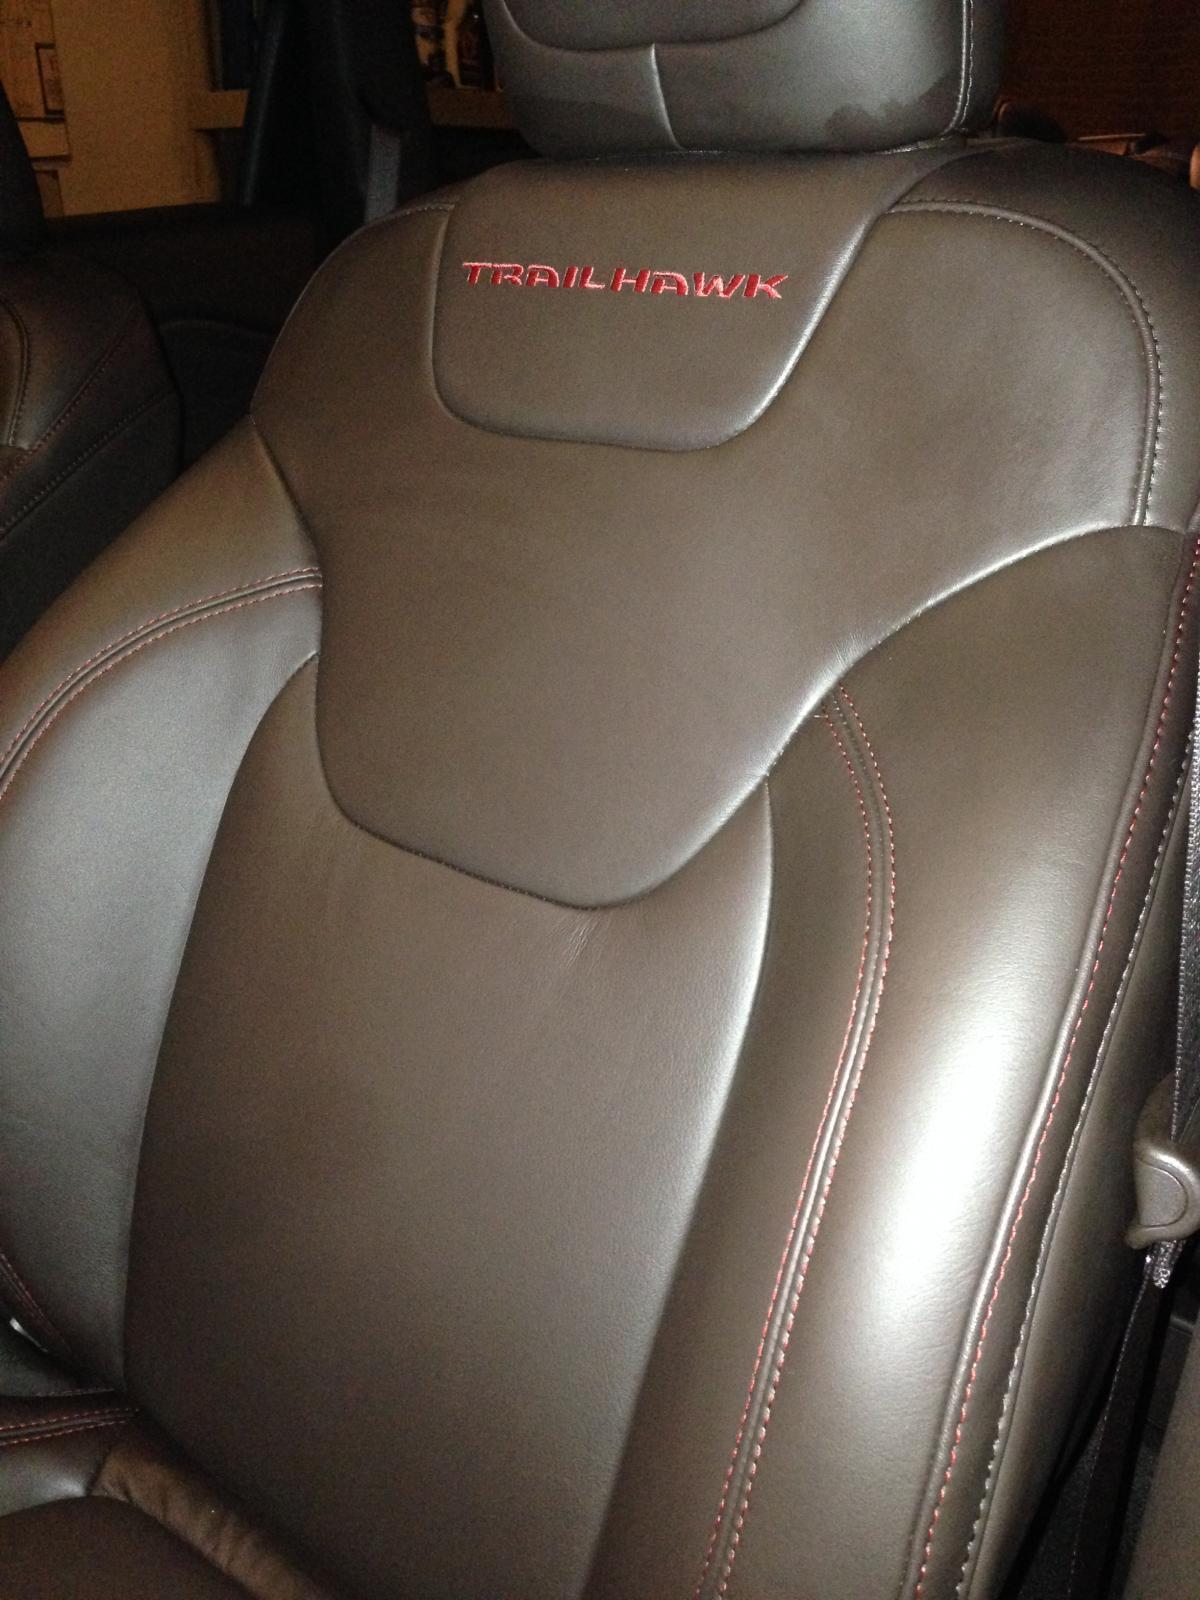 2014 Trailhawk - Brown Seat